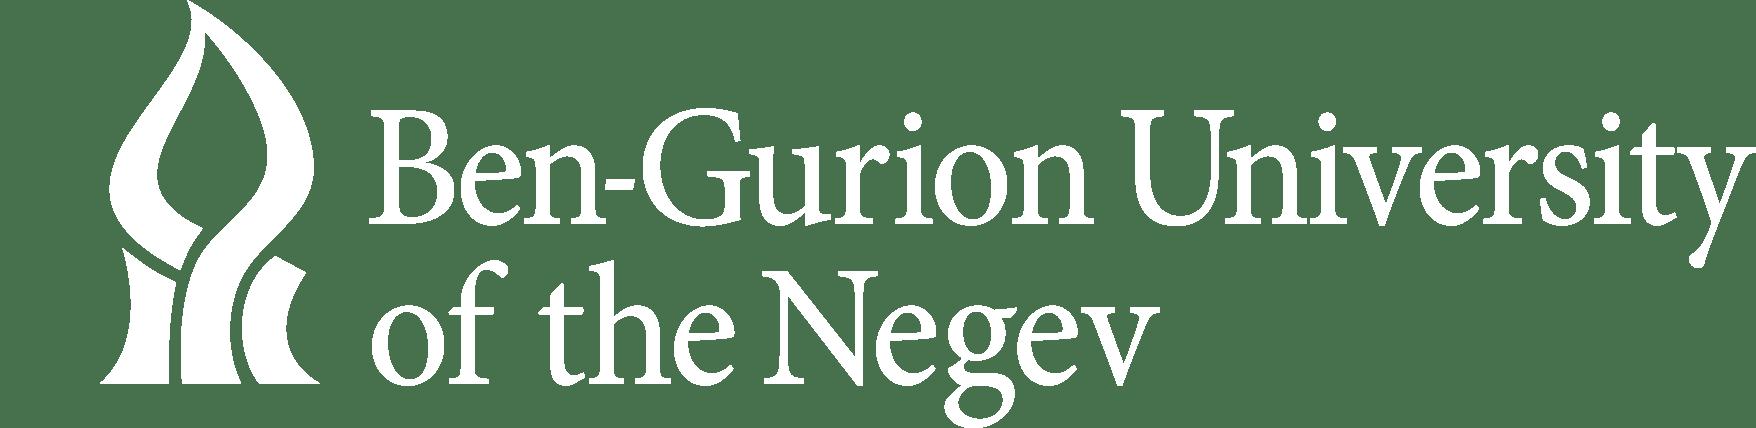 Bengurion University Logo